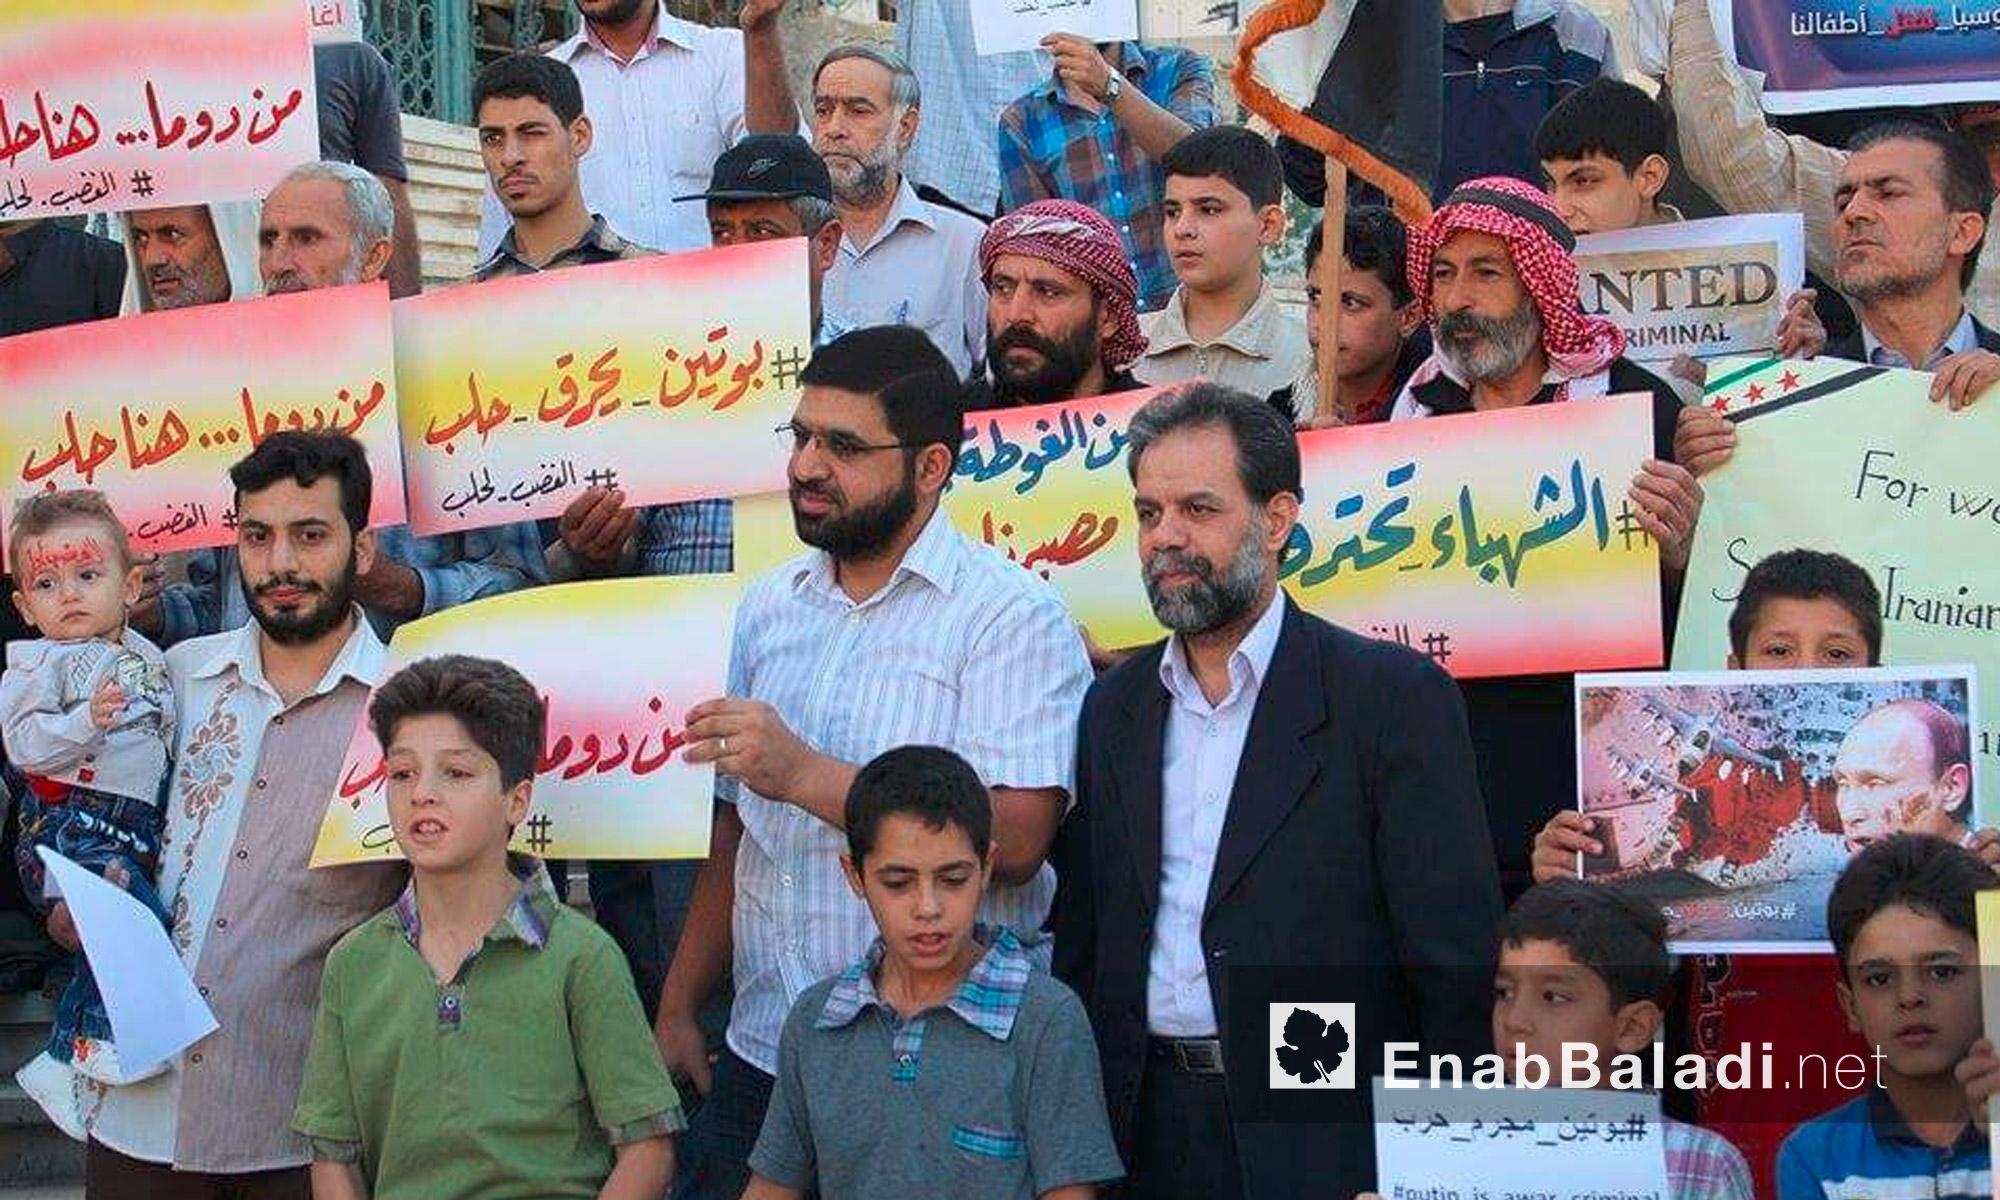 """أهالي دوما يتظاهرون """"غضبًا لحلب"""" - 30 أيلول (عنب بلدي)"""